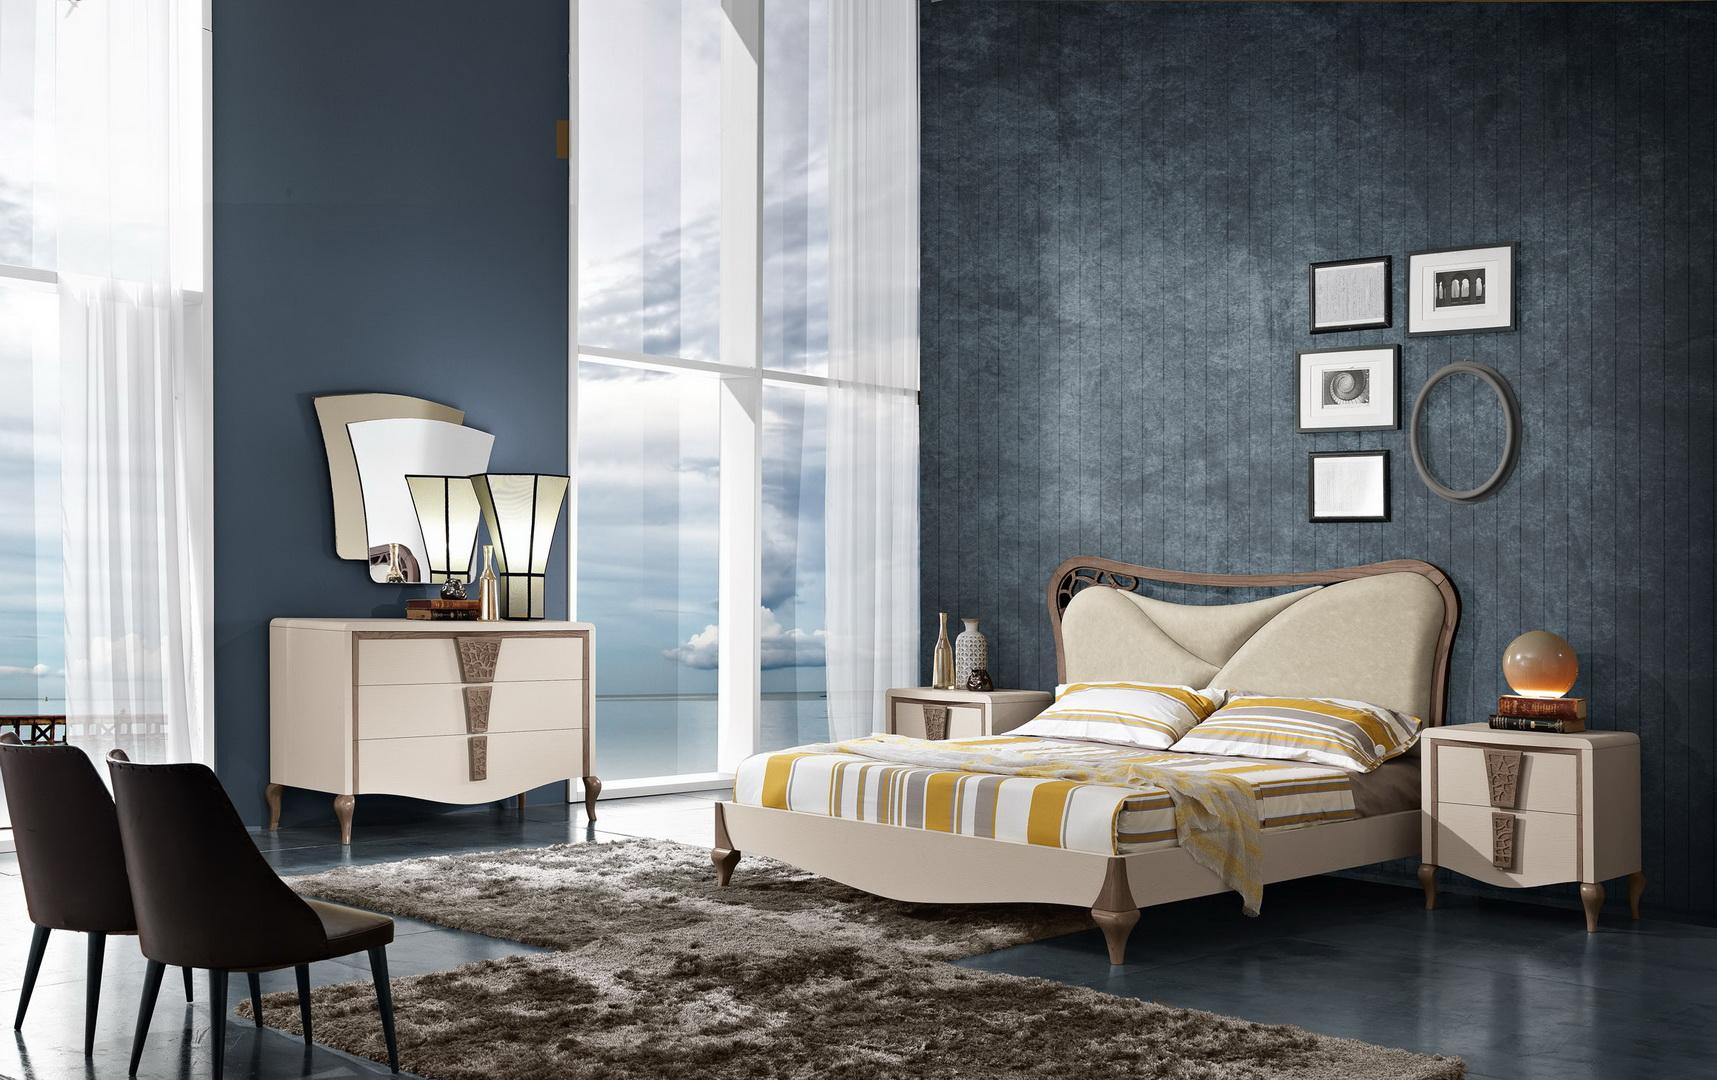 Camera da letto sb10009 c4 home arredamenti cosenza for C4 arredamenti